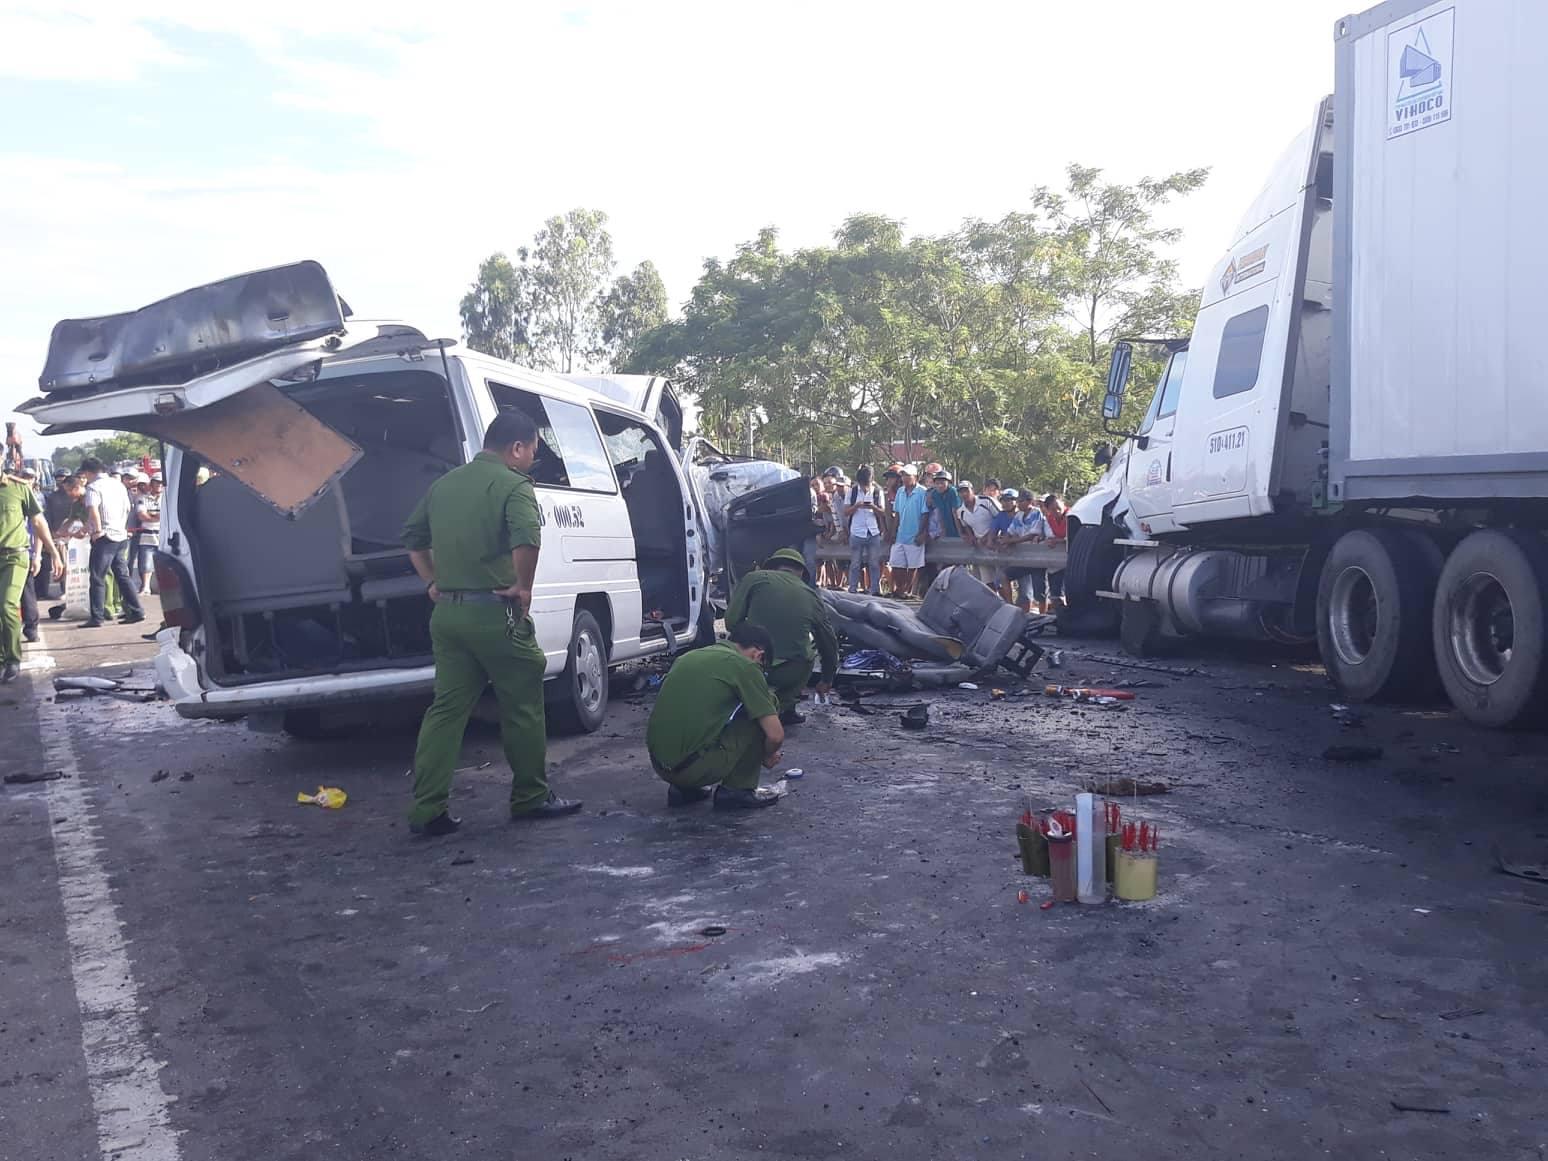 TNGT thảm khốc: Xe rước dâu va chạm container, 13 người tử vong - Ảnh 2